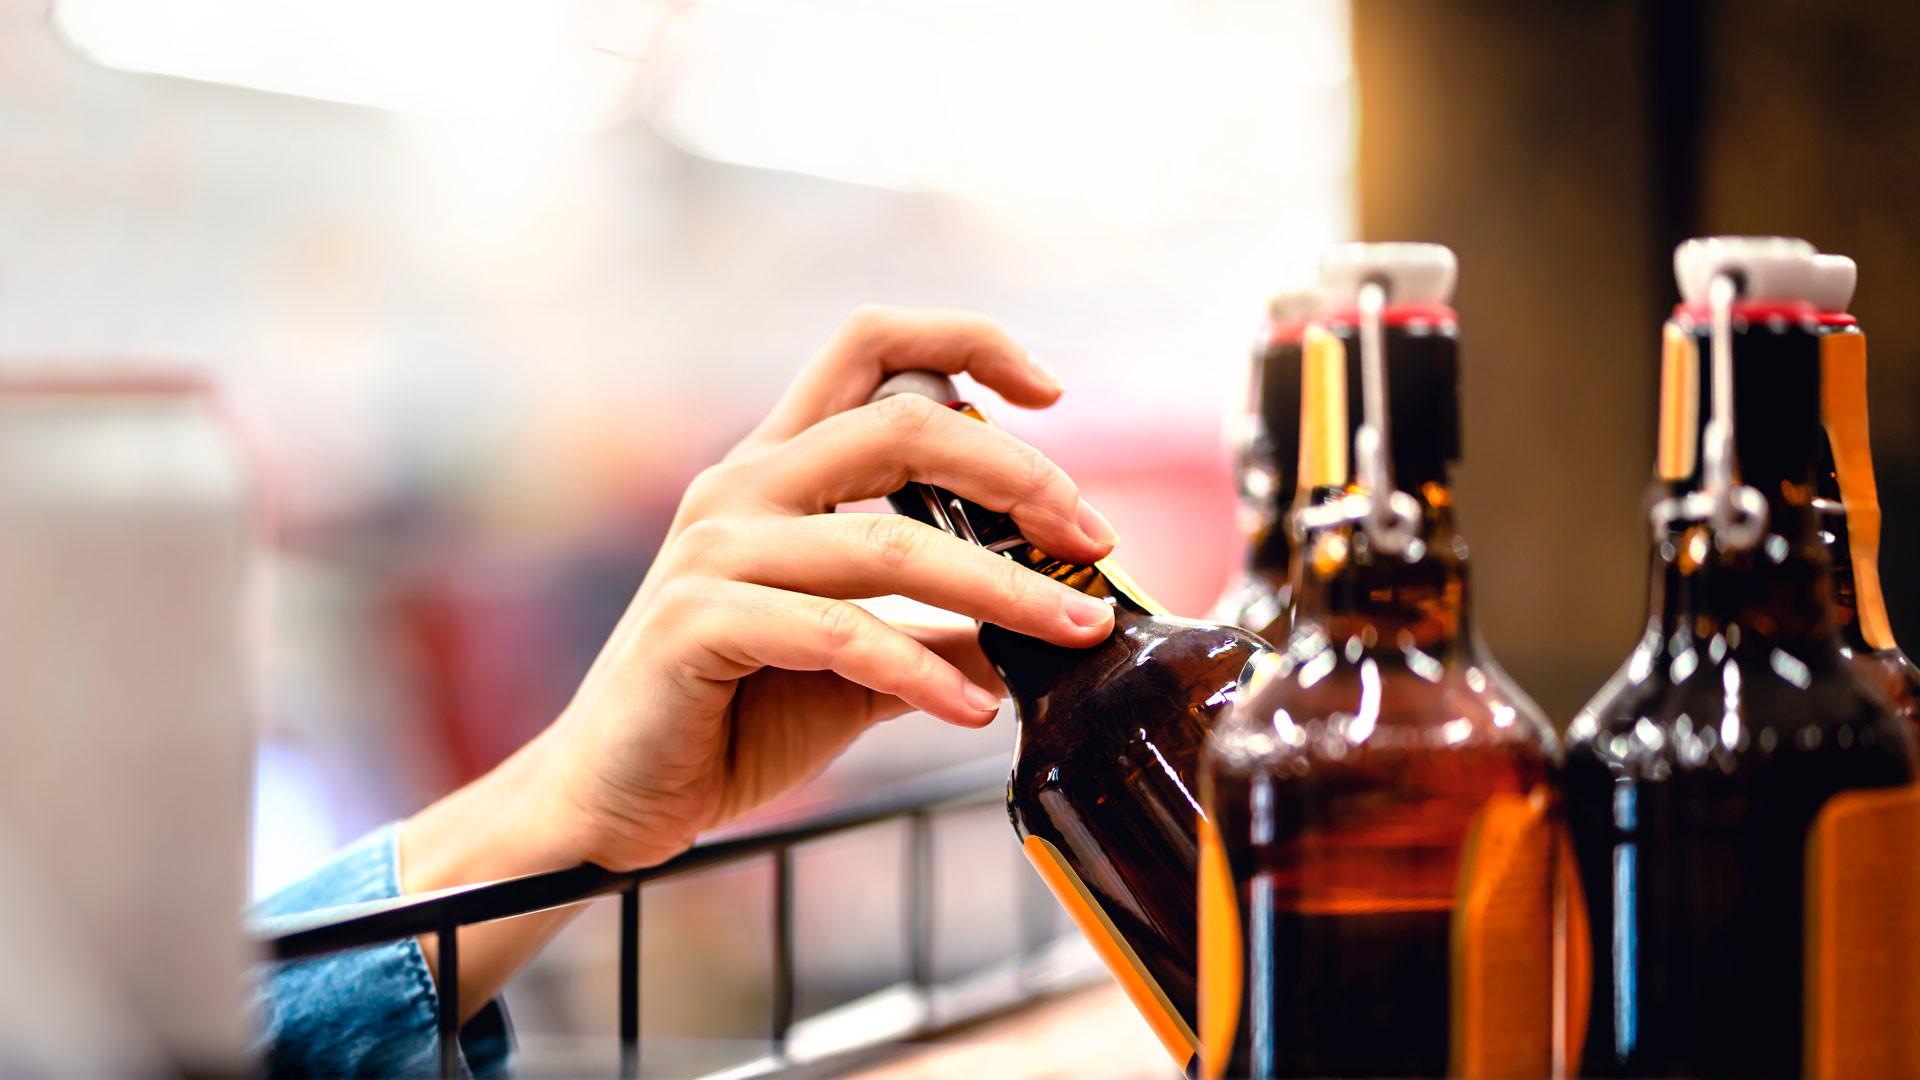 В одном из магазинов Одессы произошла драка из-за бутылки коньяка - видео